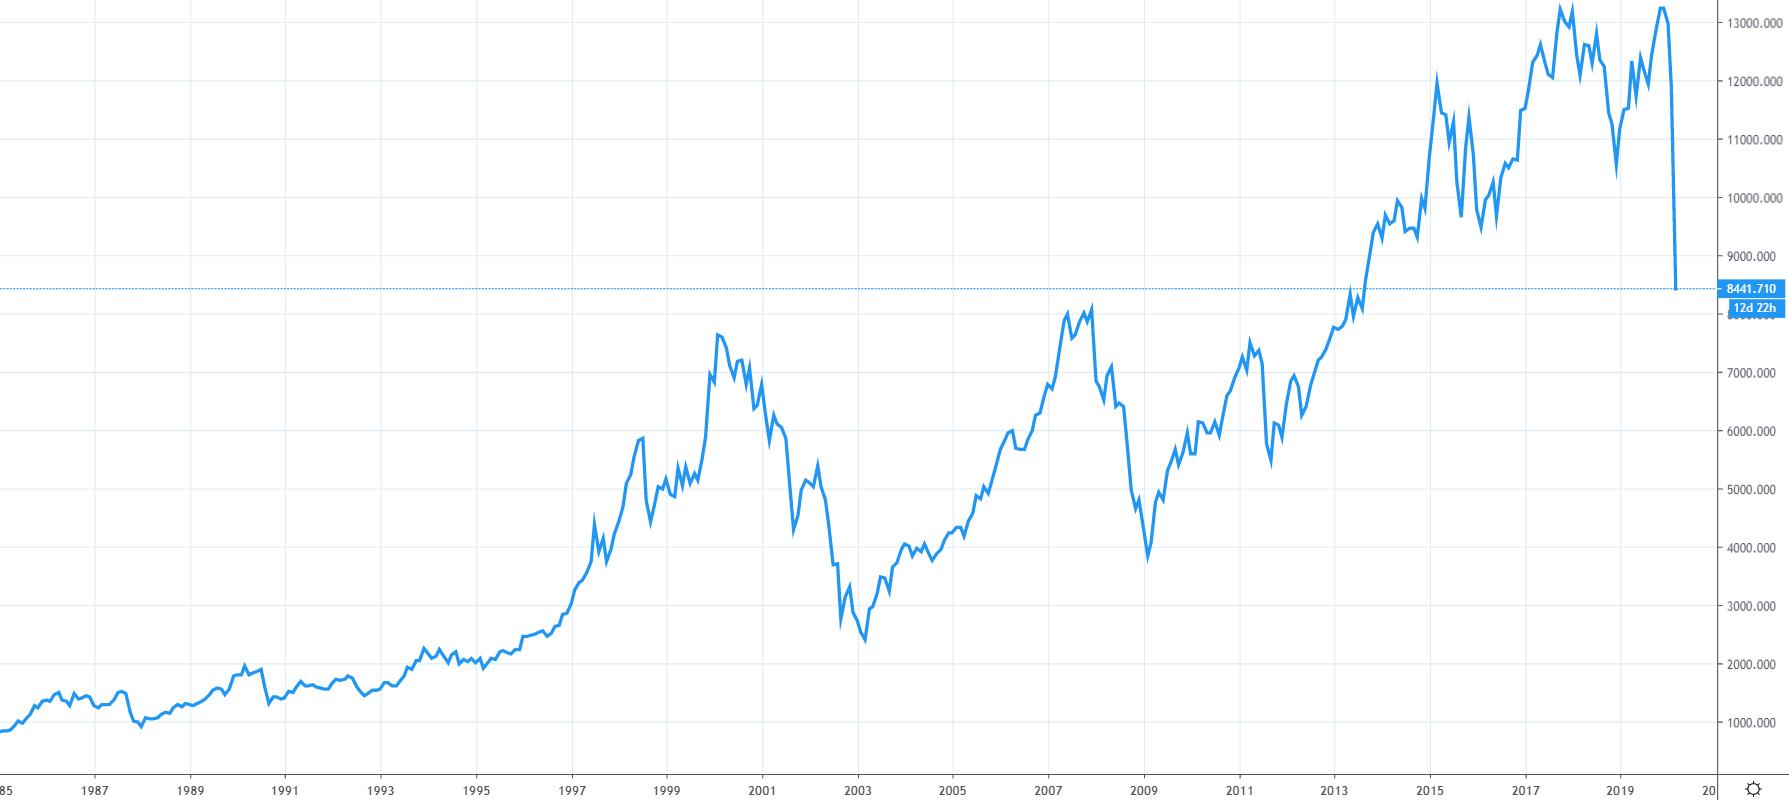 Graf indexu DAX